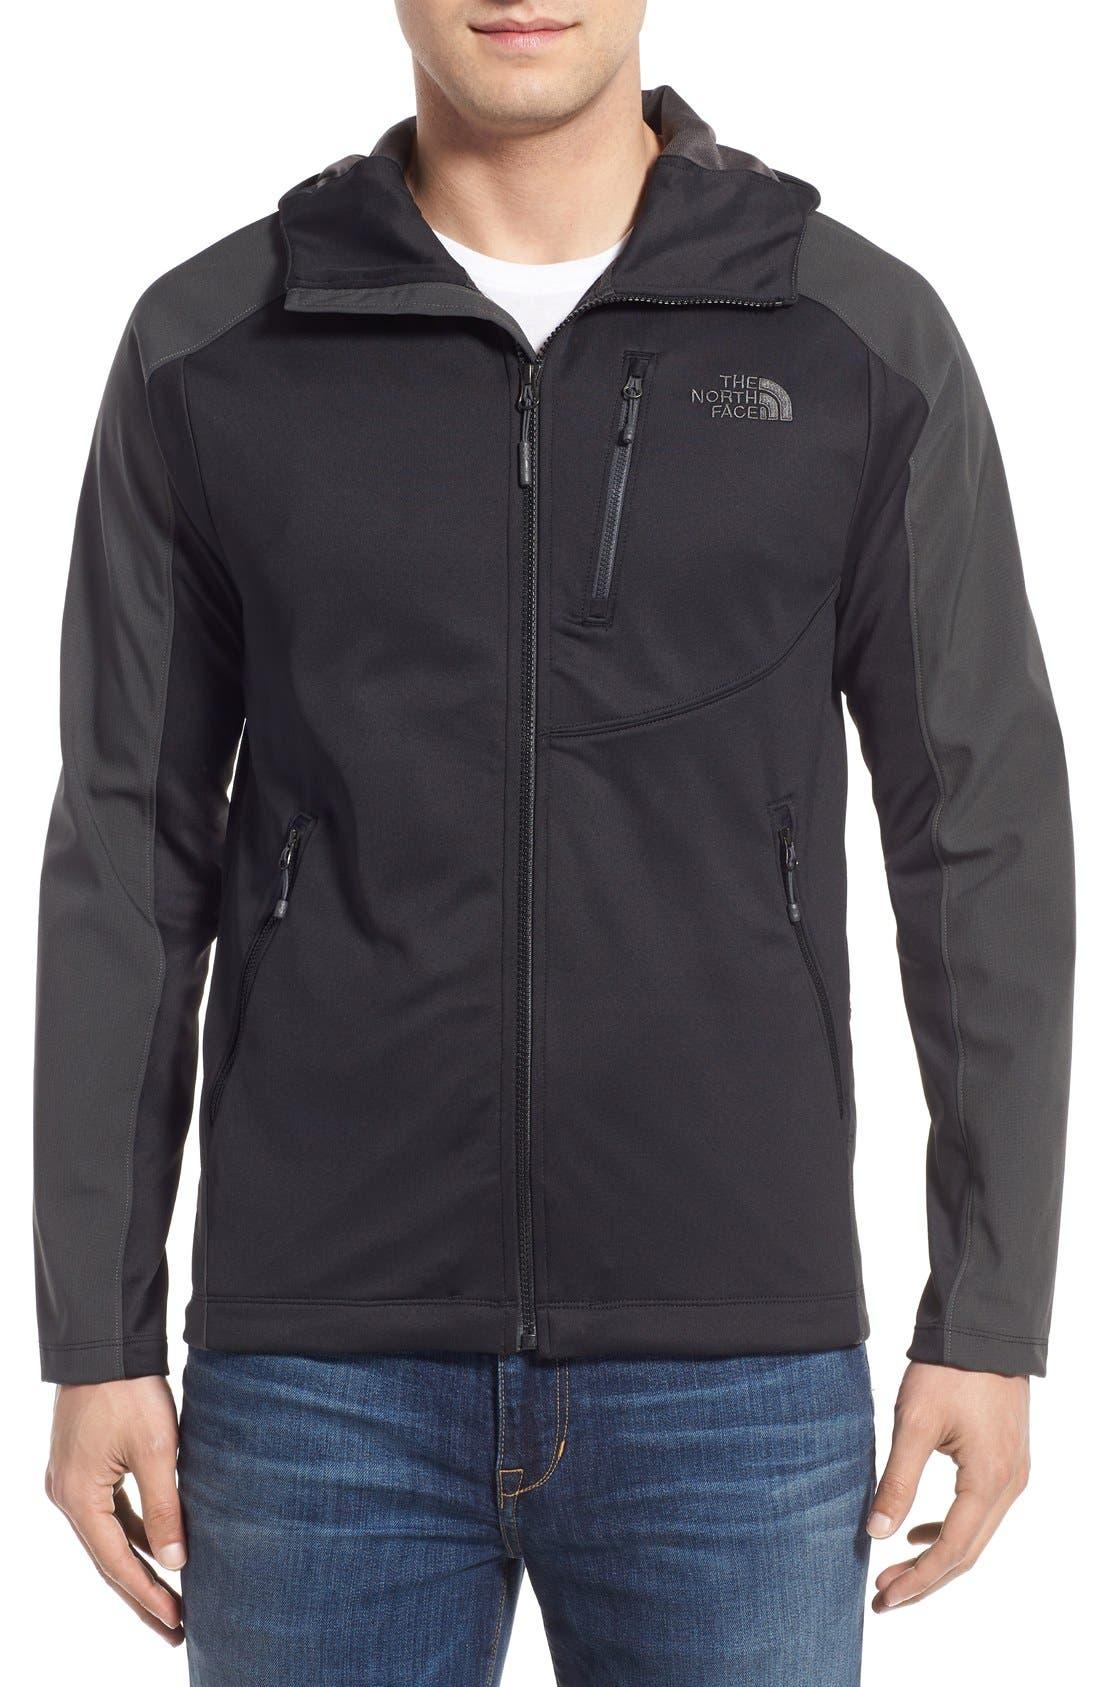 Tenacious Active Fit Hooded Jacket,                             Main thumbnail 1, color,                             010